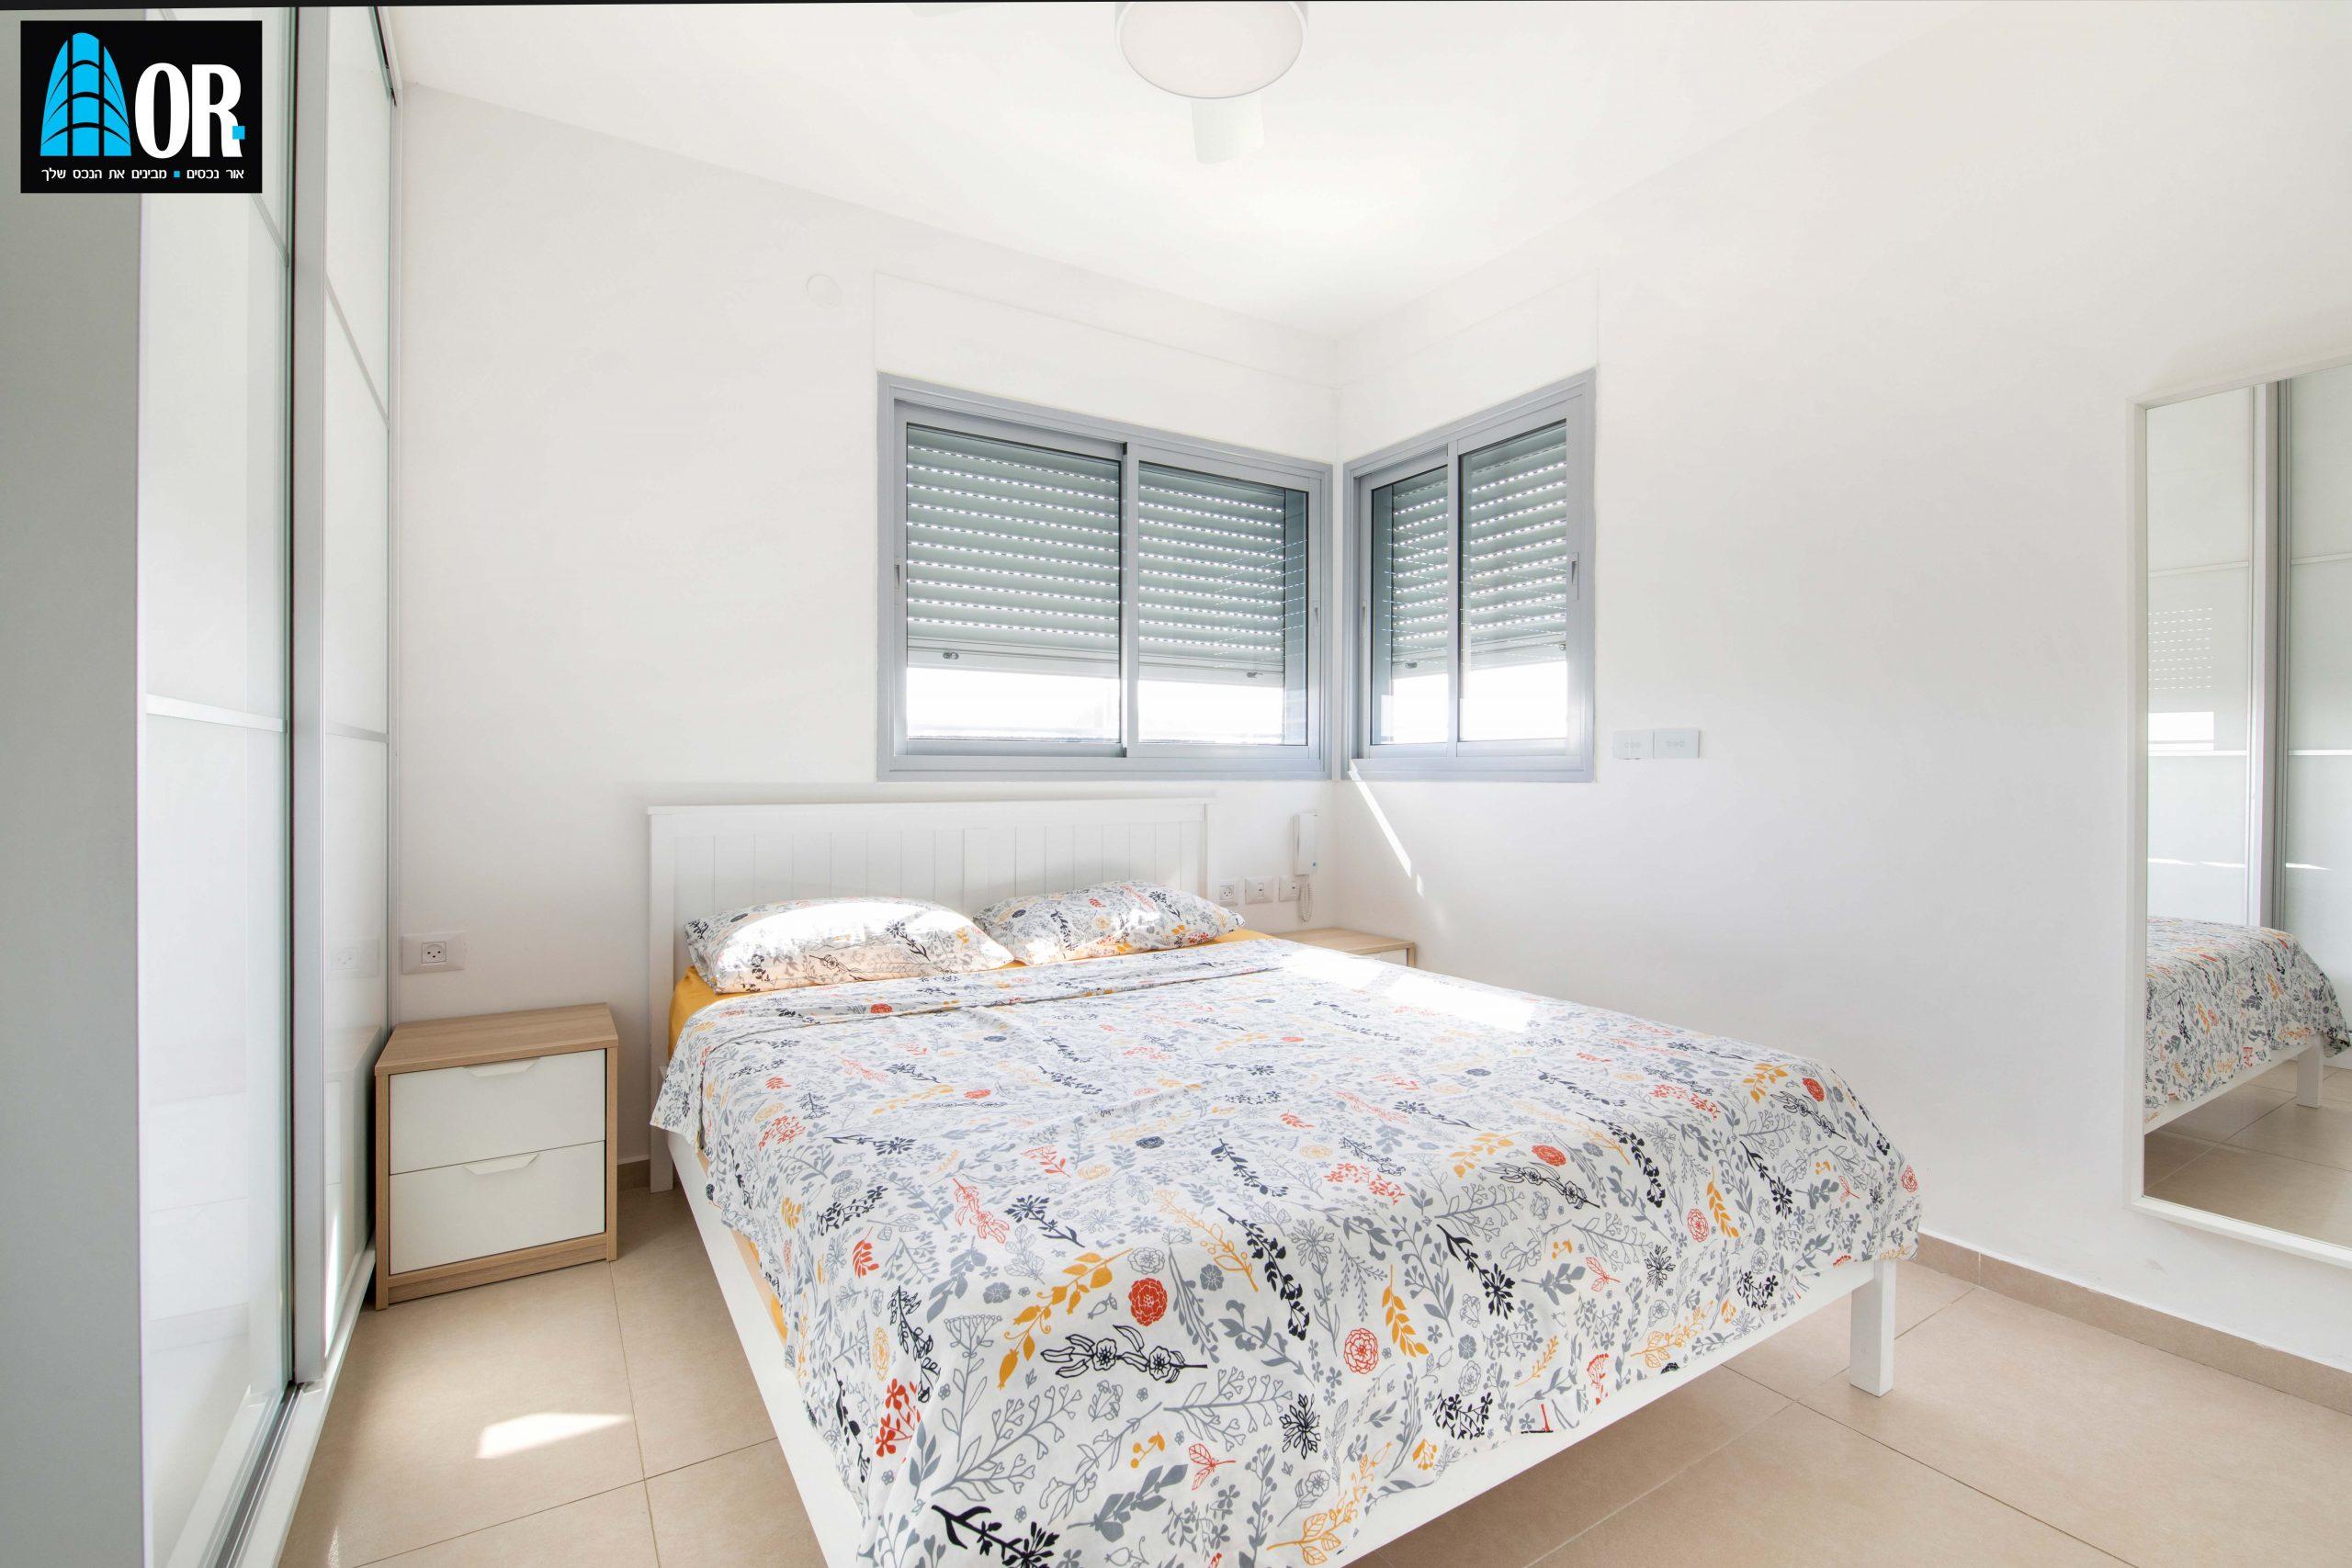 חדר שינה דירה 4 חדרים שכונה צמרות